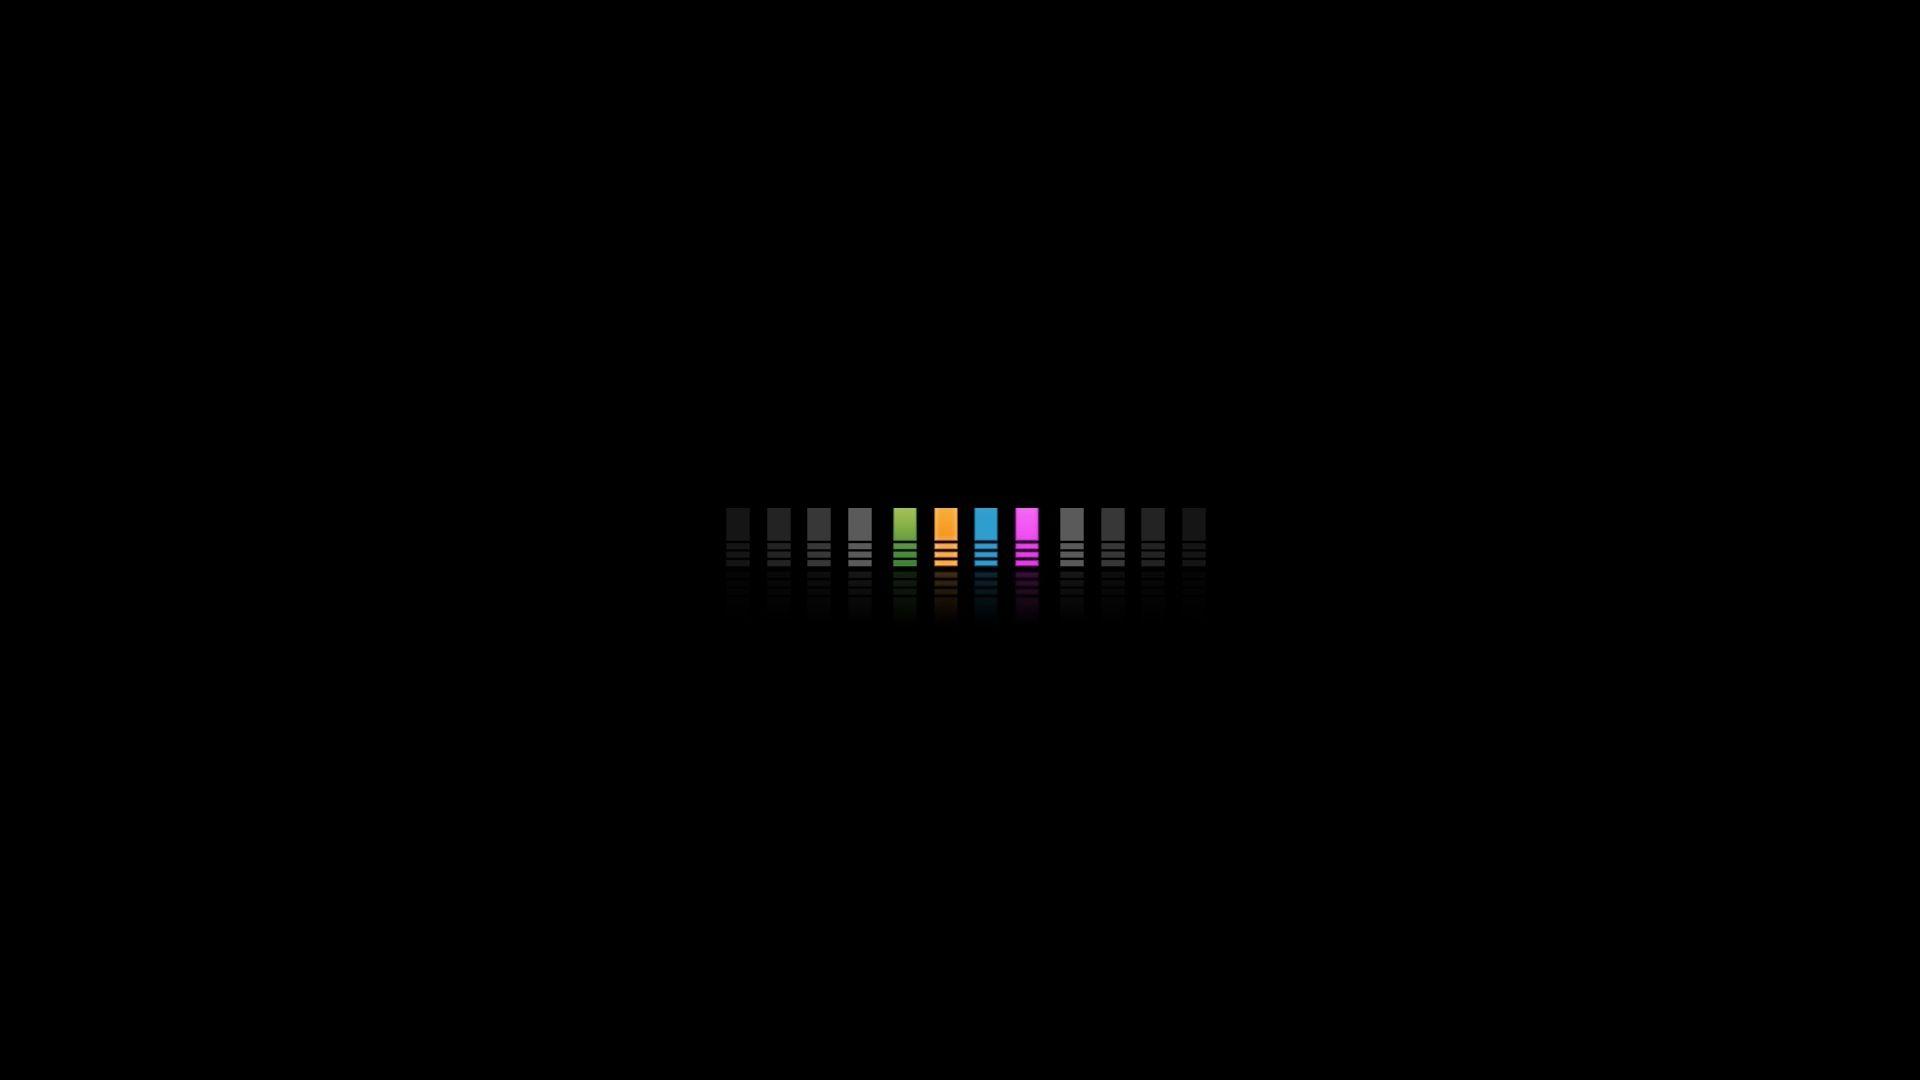 Hình nền máy tính màu đen